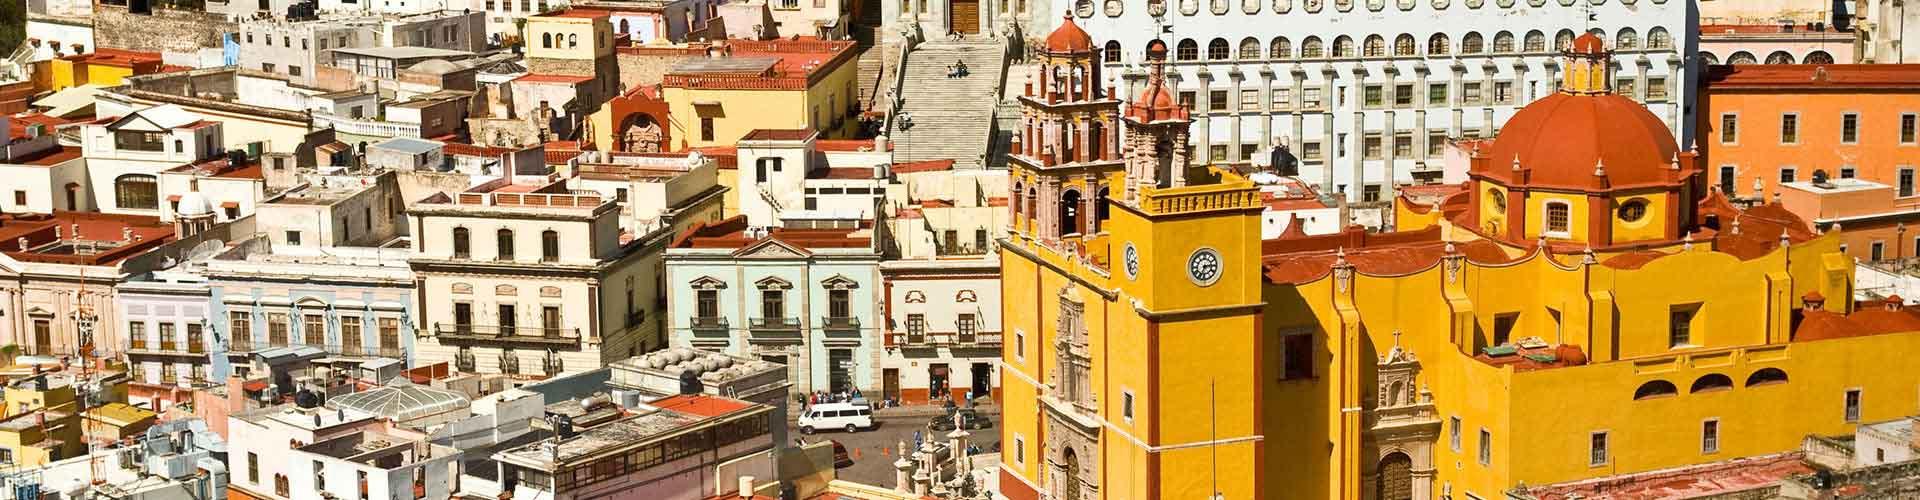 Guanajuato - Auberges de jeunesse et chambres pas chères à Guanajuato. Cartes de Guanajuato, photos et commentaires pour chaque Auberge de jeunesse et chambre pas chère à Guanajuato.